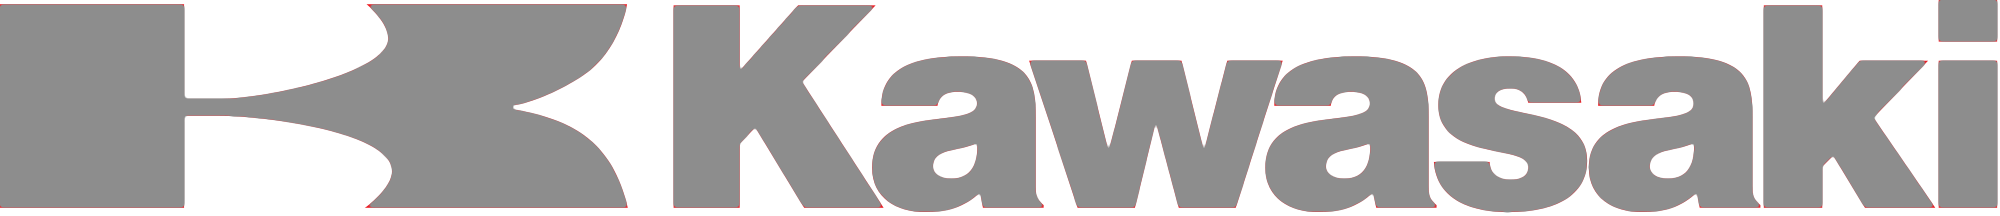 kawasaki_hi_logo